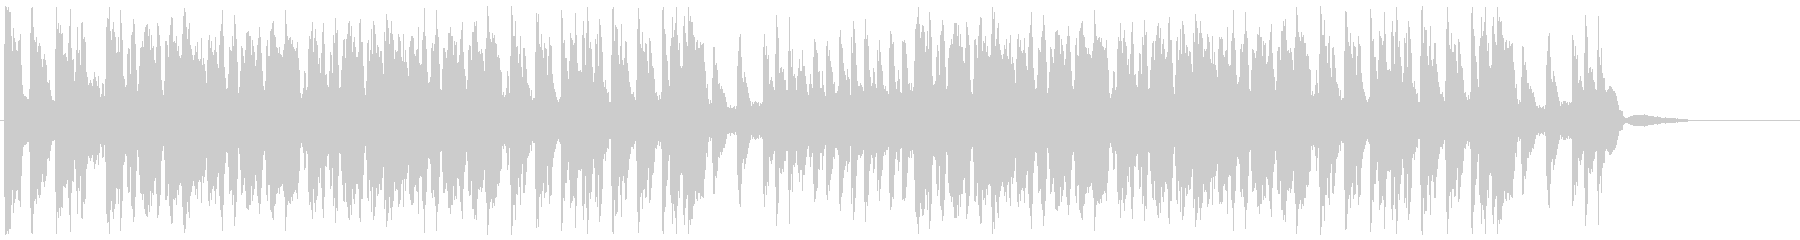 吹奏楽:応援マーチの未再生の波形